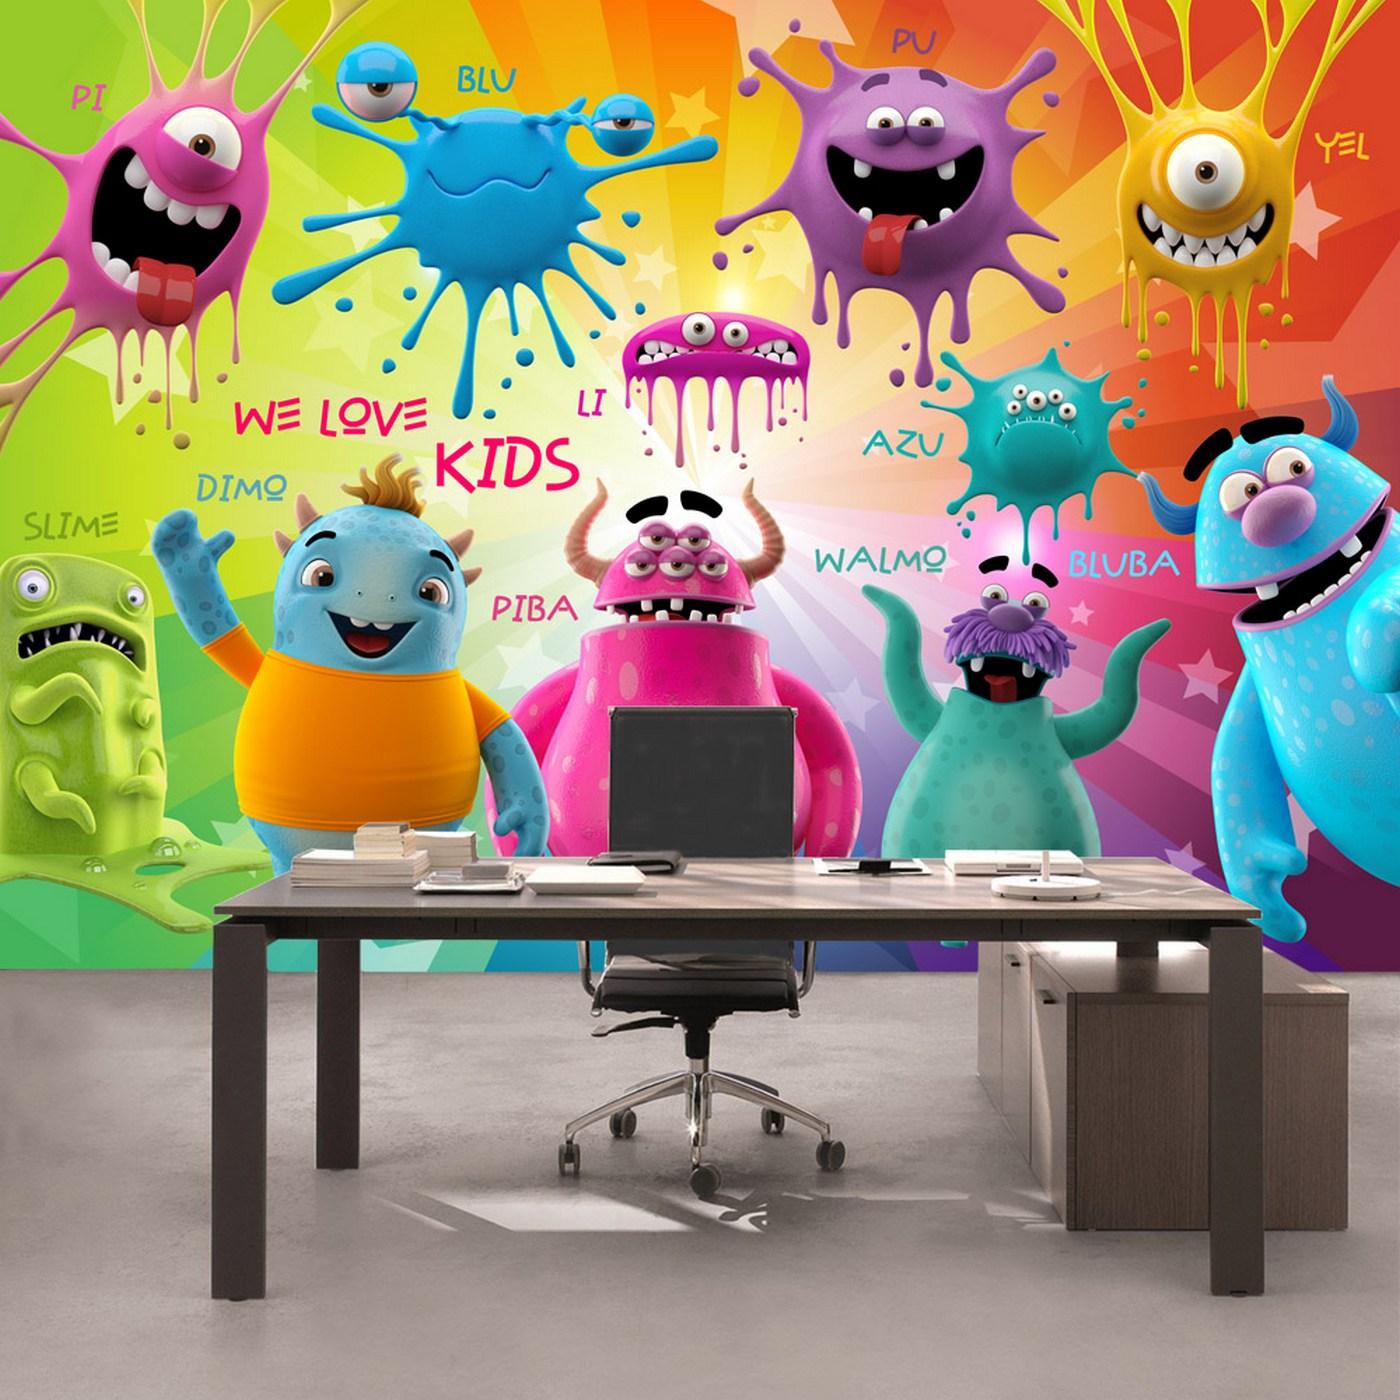 Vlies Fototapete 92 - Lovely Monsters Kindertapete Tapete Kinderzimmer  Kindertapete Comic Party Knuddel Monster bunt